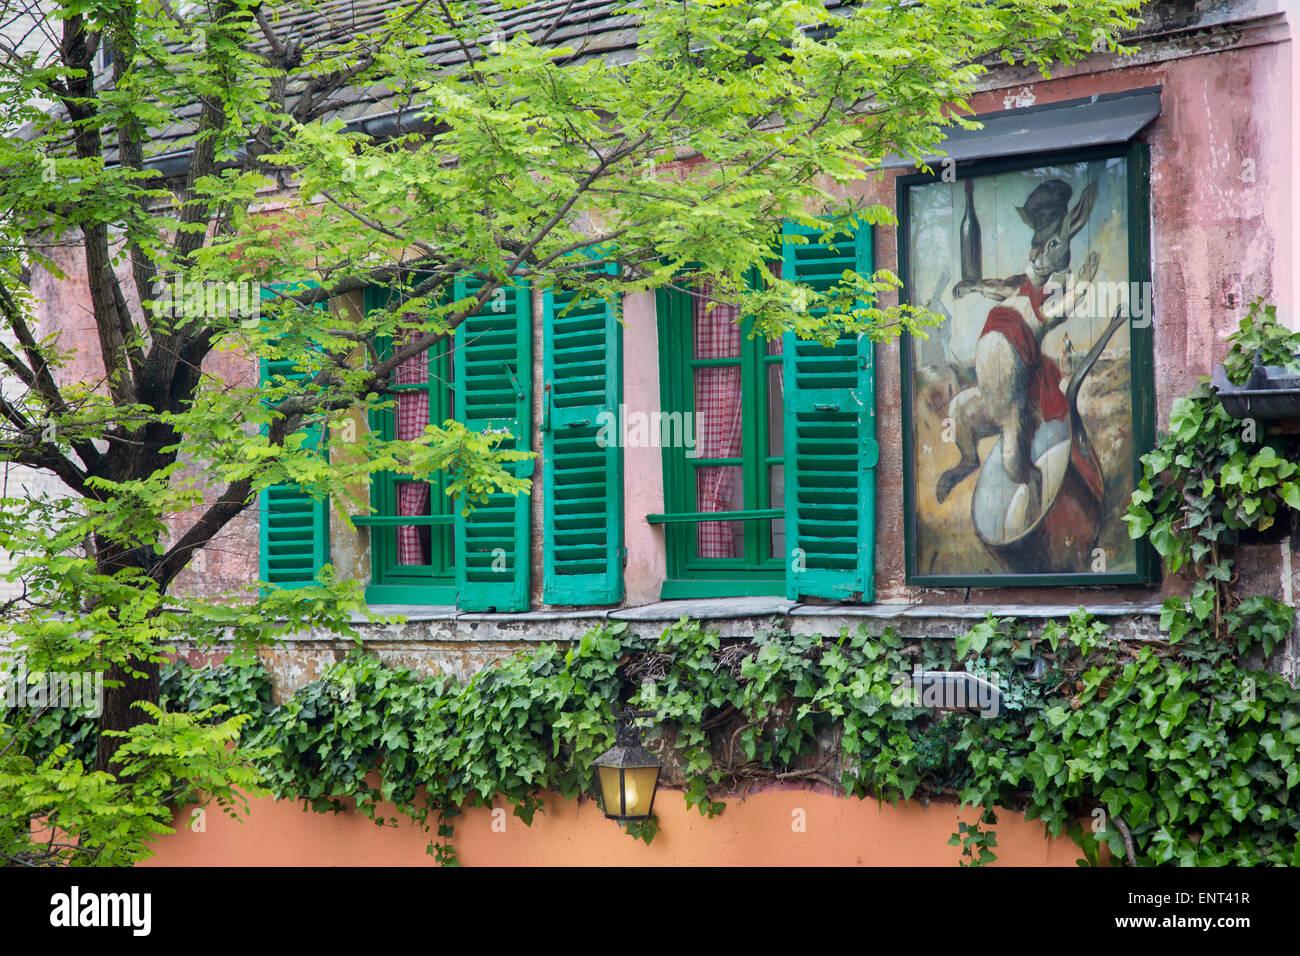 Au Lapin Agile, un piccolo spettacolo di cabaret frequentato da Picasso, Hemingway e altri artisti nei primi anni Immagini Stock